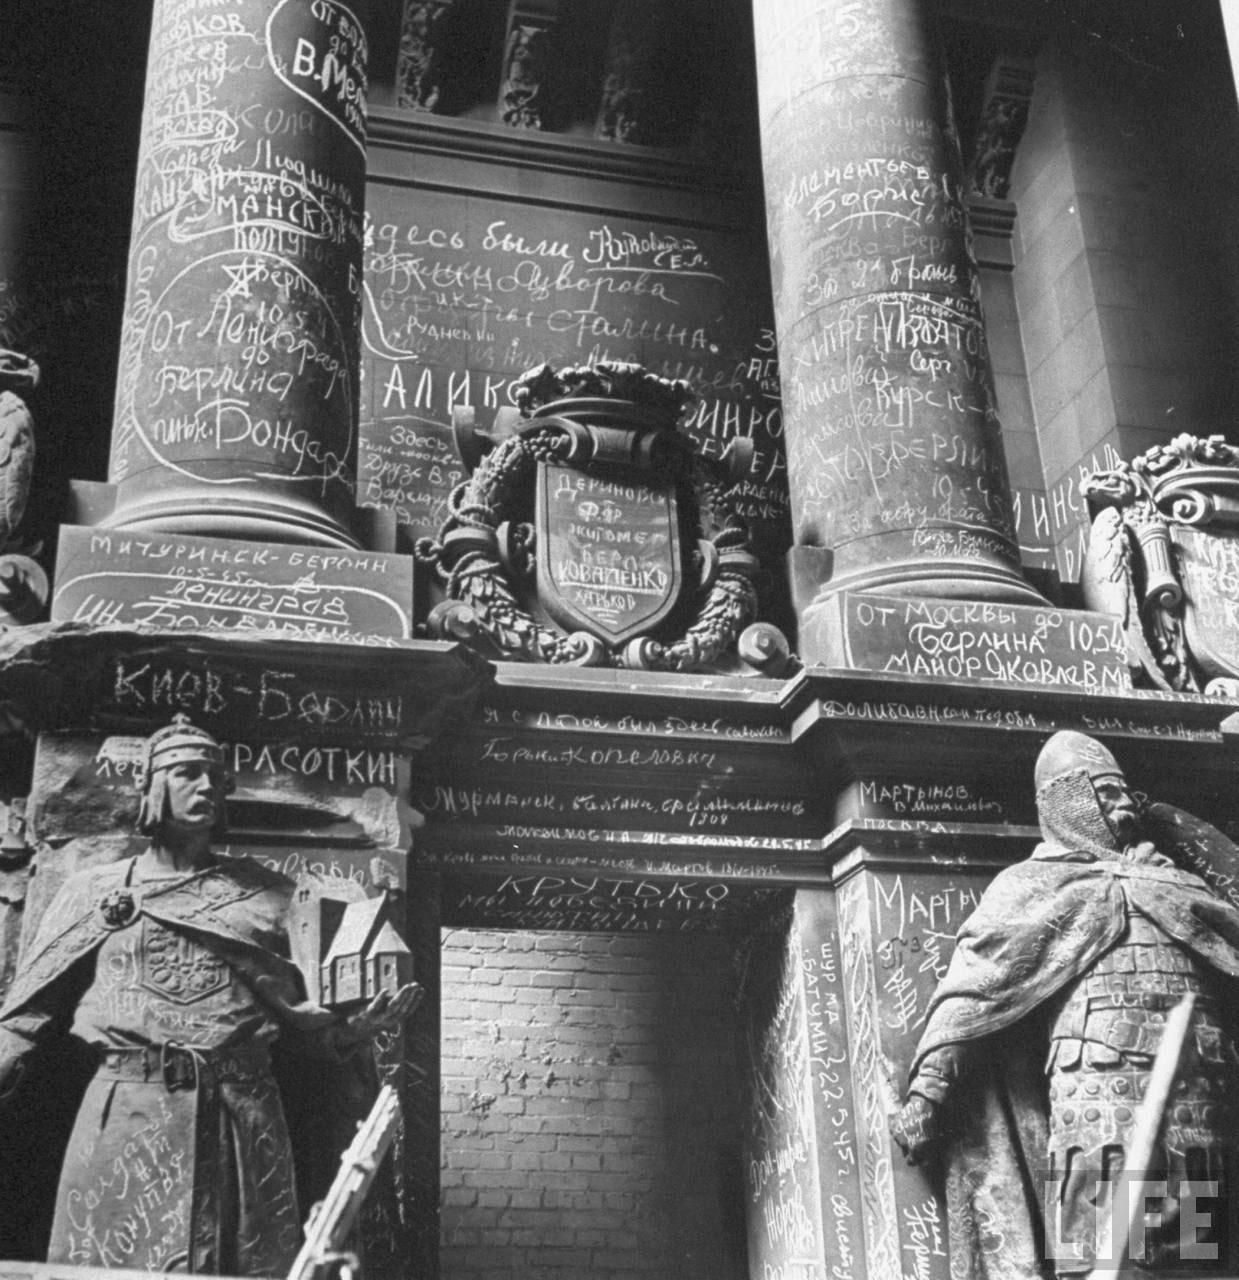 ☭ LA HUELLA SOCIALISTA SOVIETICA EN BERLIN ALEMANIA ☭ Reichstag-02